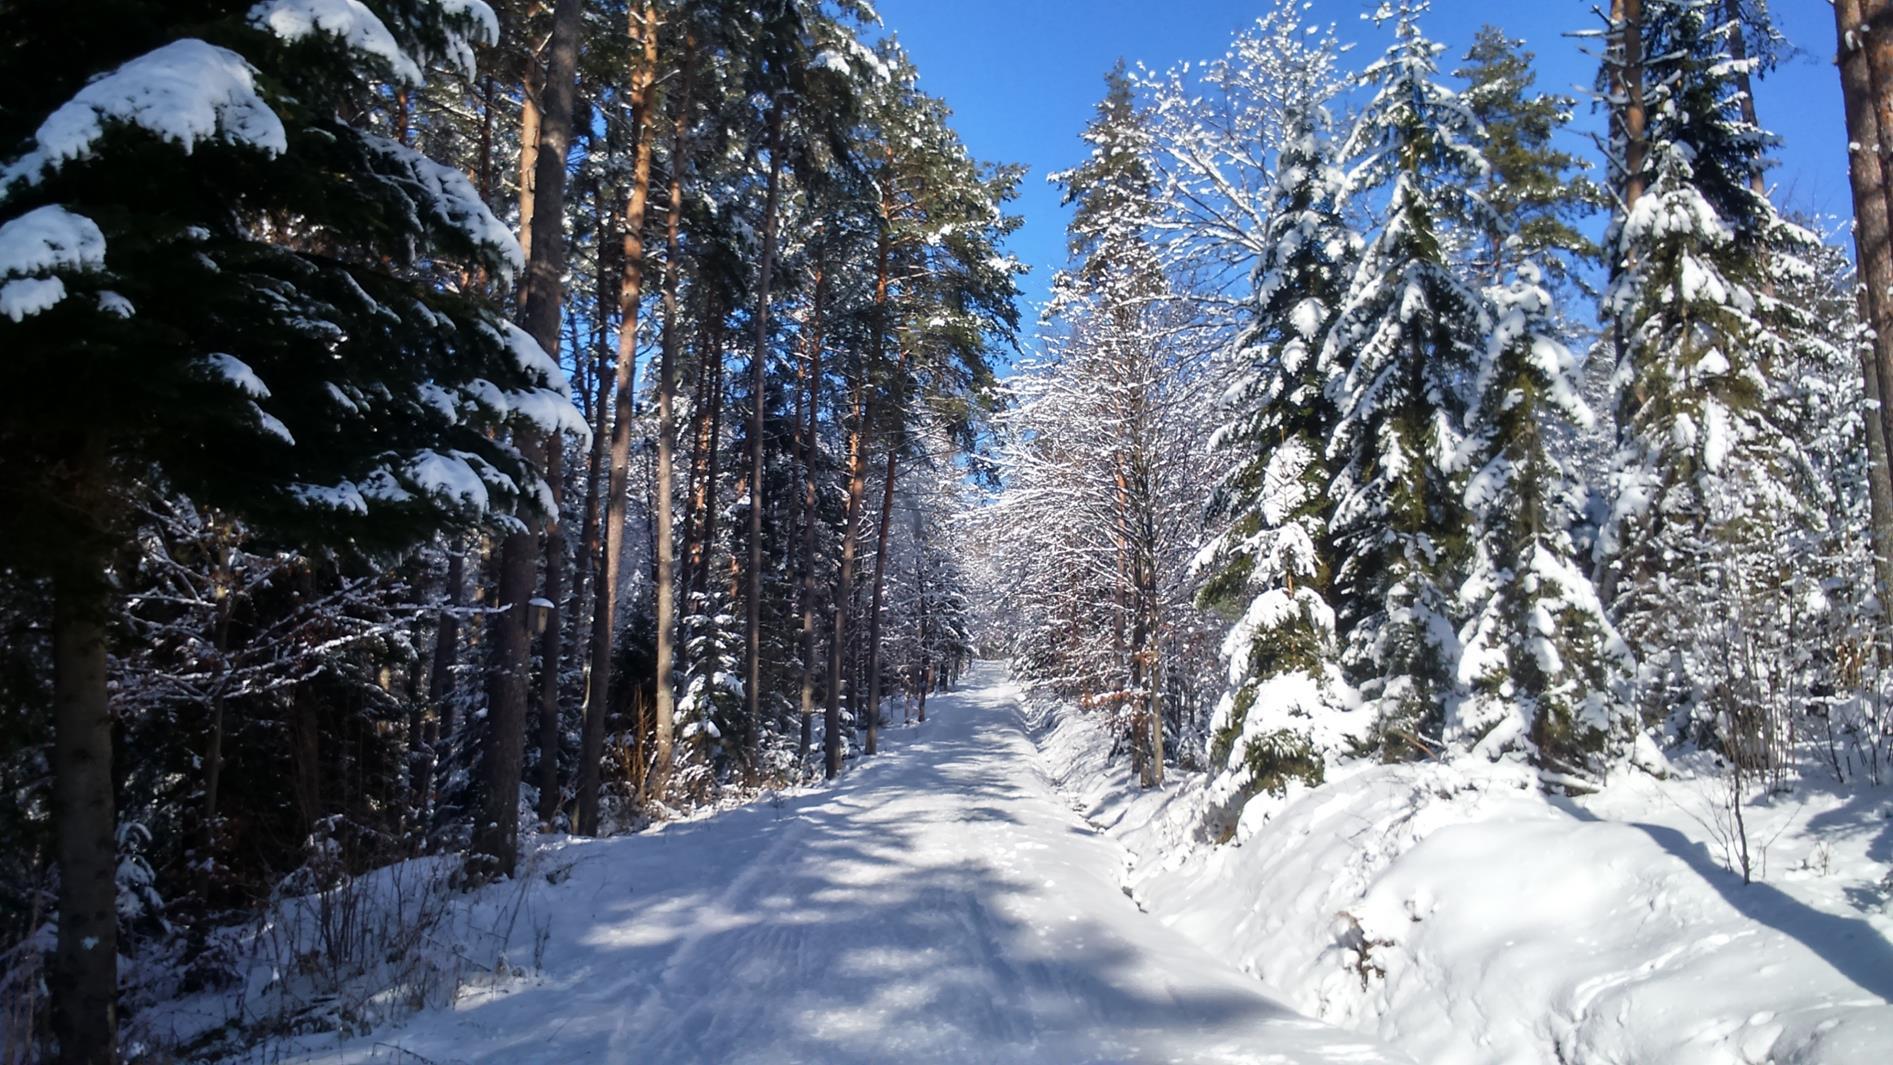 Odcinek leśny w rejonie Przełęczy pod Bradowcem